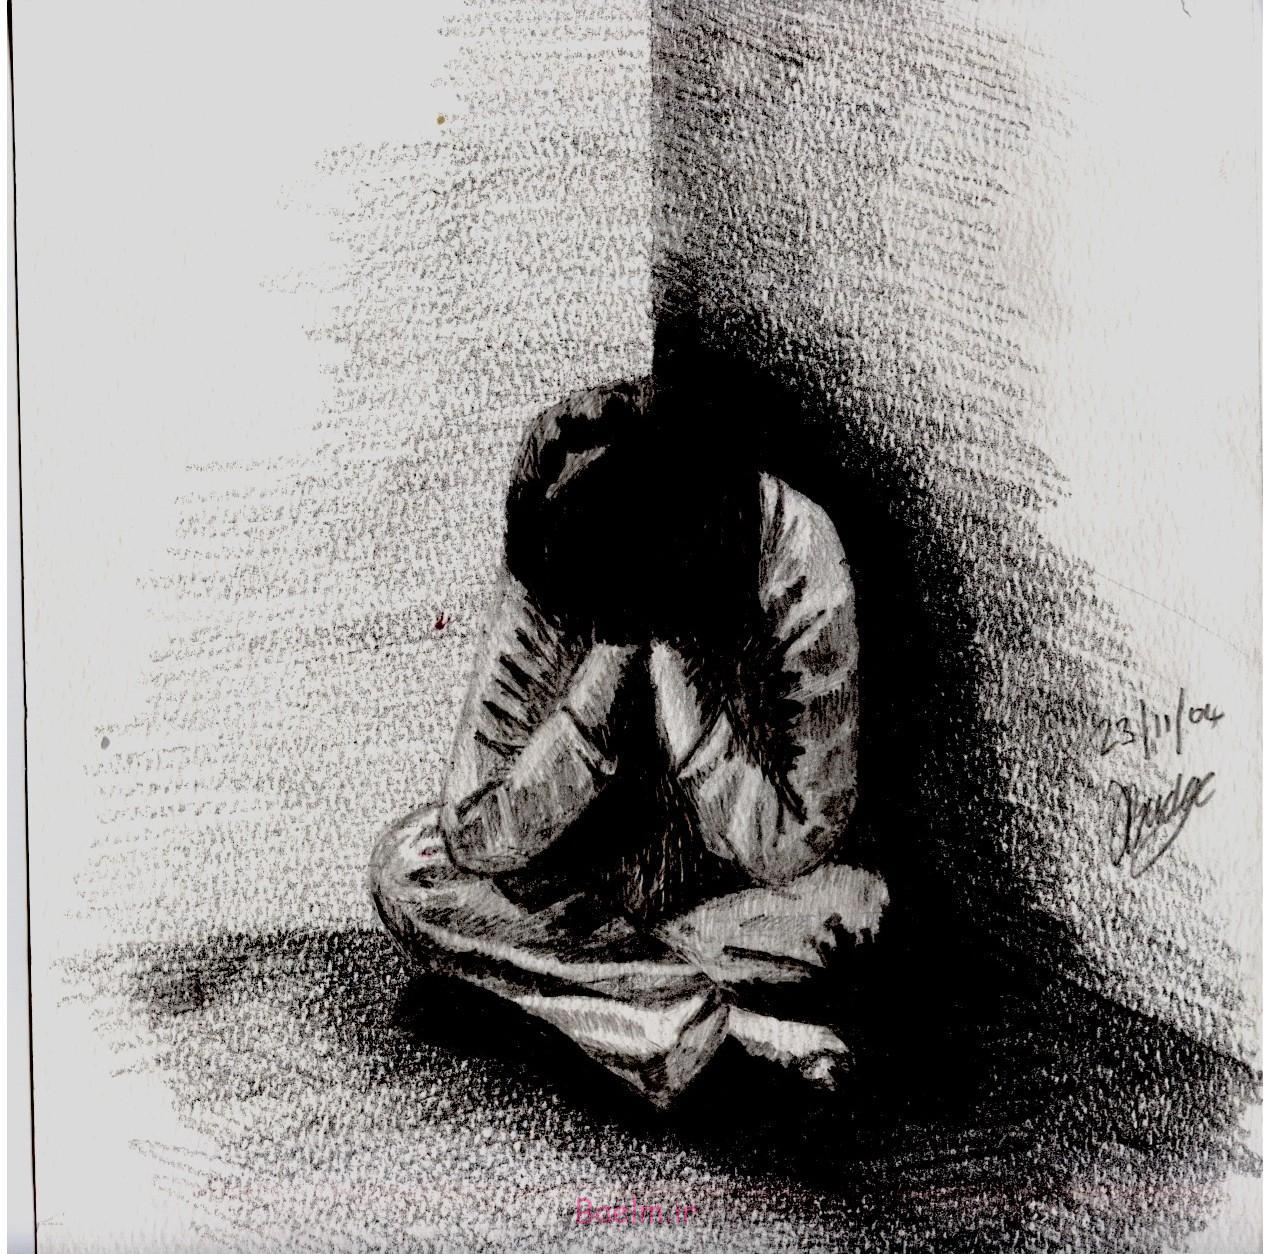 روانشناسي   دلايل رايج ايجاد احساس تنهايي در افراد